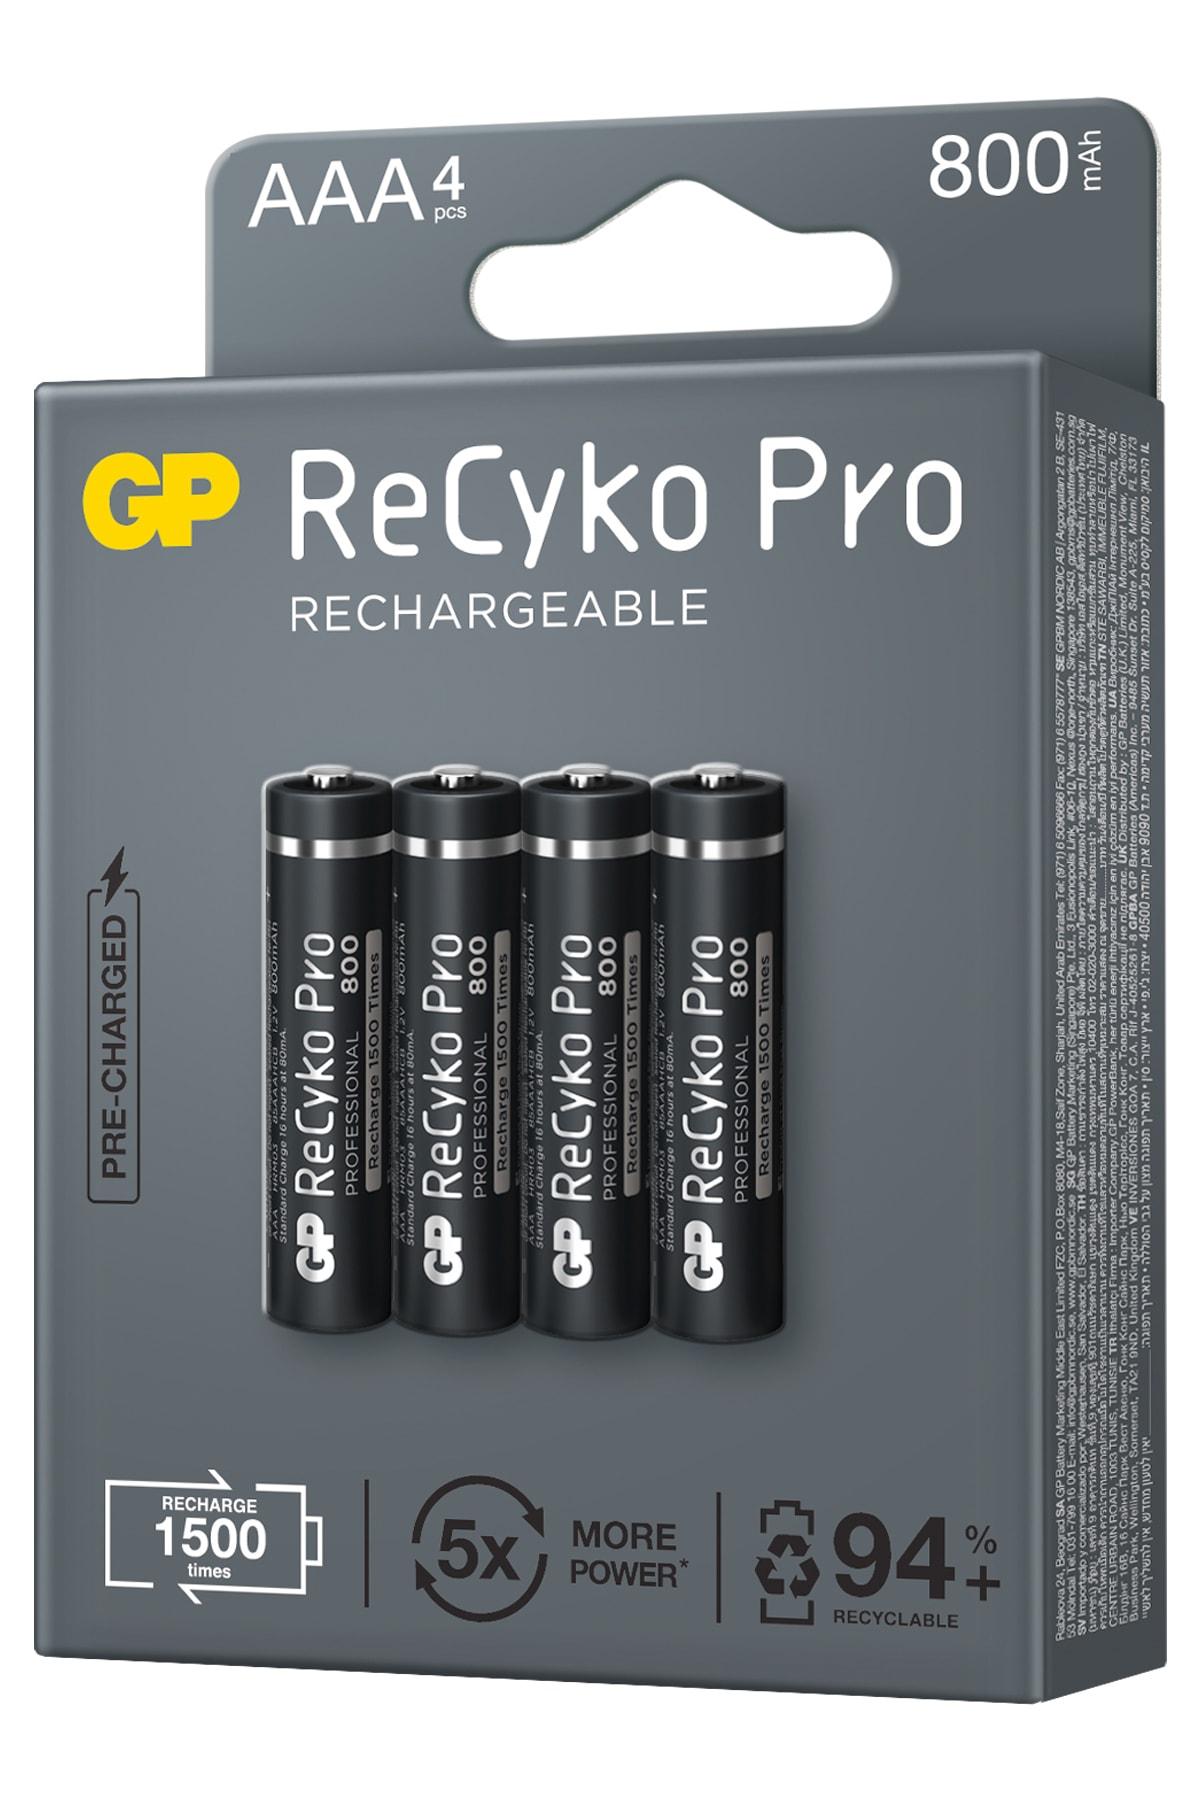 GP Batteries Recyko+ Pro Aaa 800 Mah Ince Ni-mh Şarjlı Pil, 1.2 Volt, 4'lü Kart 2